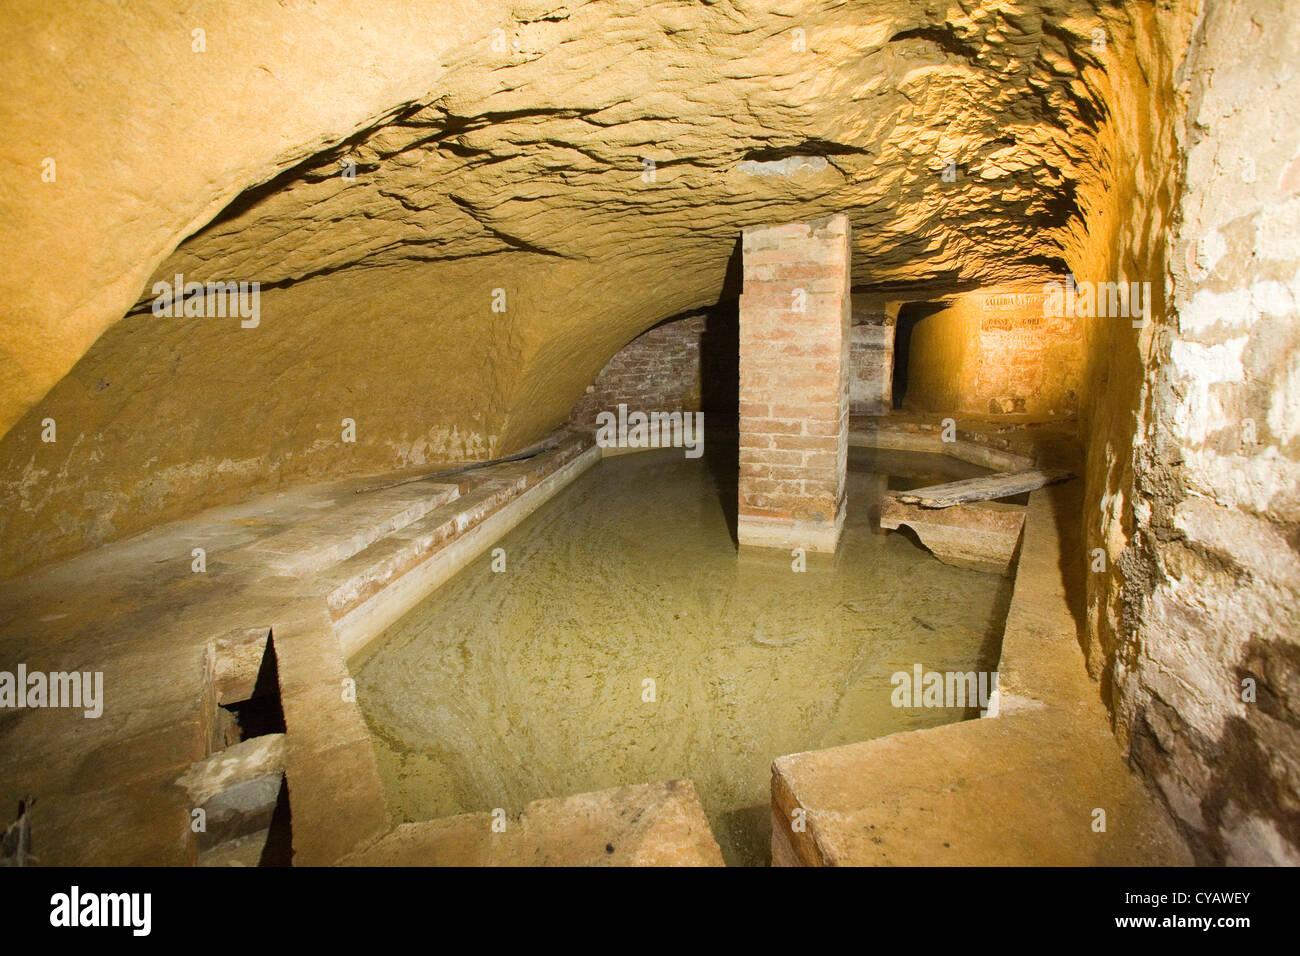 Europa, Italien, Toskana, Siena, Bottini, alten Aquädukt Stockfoto